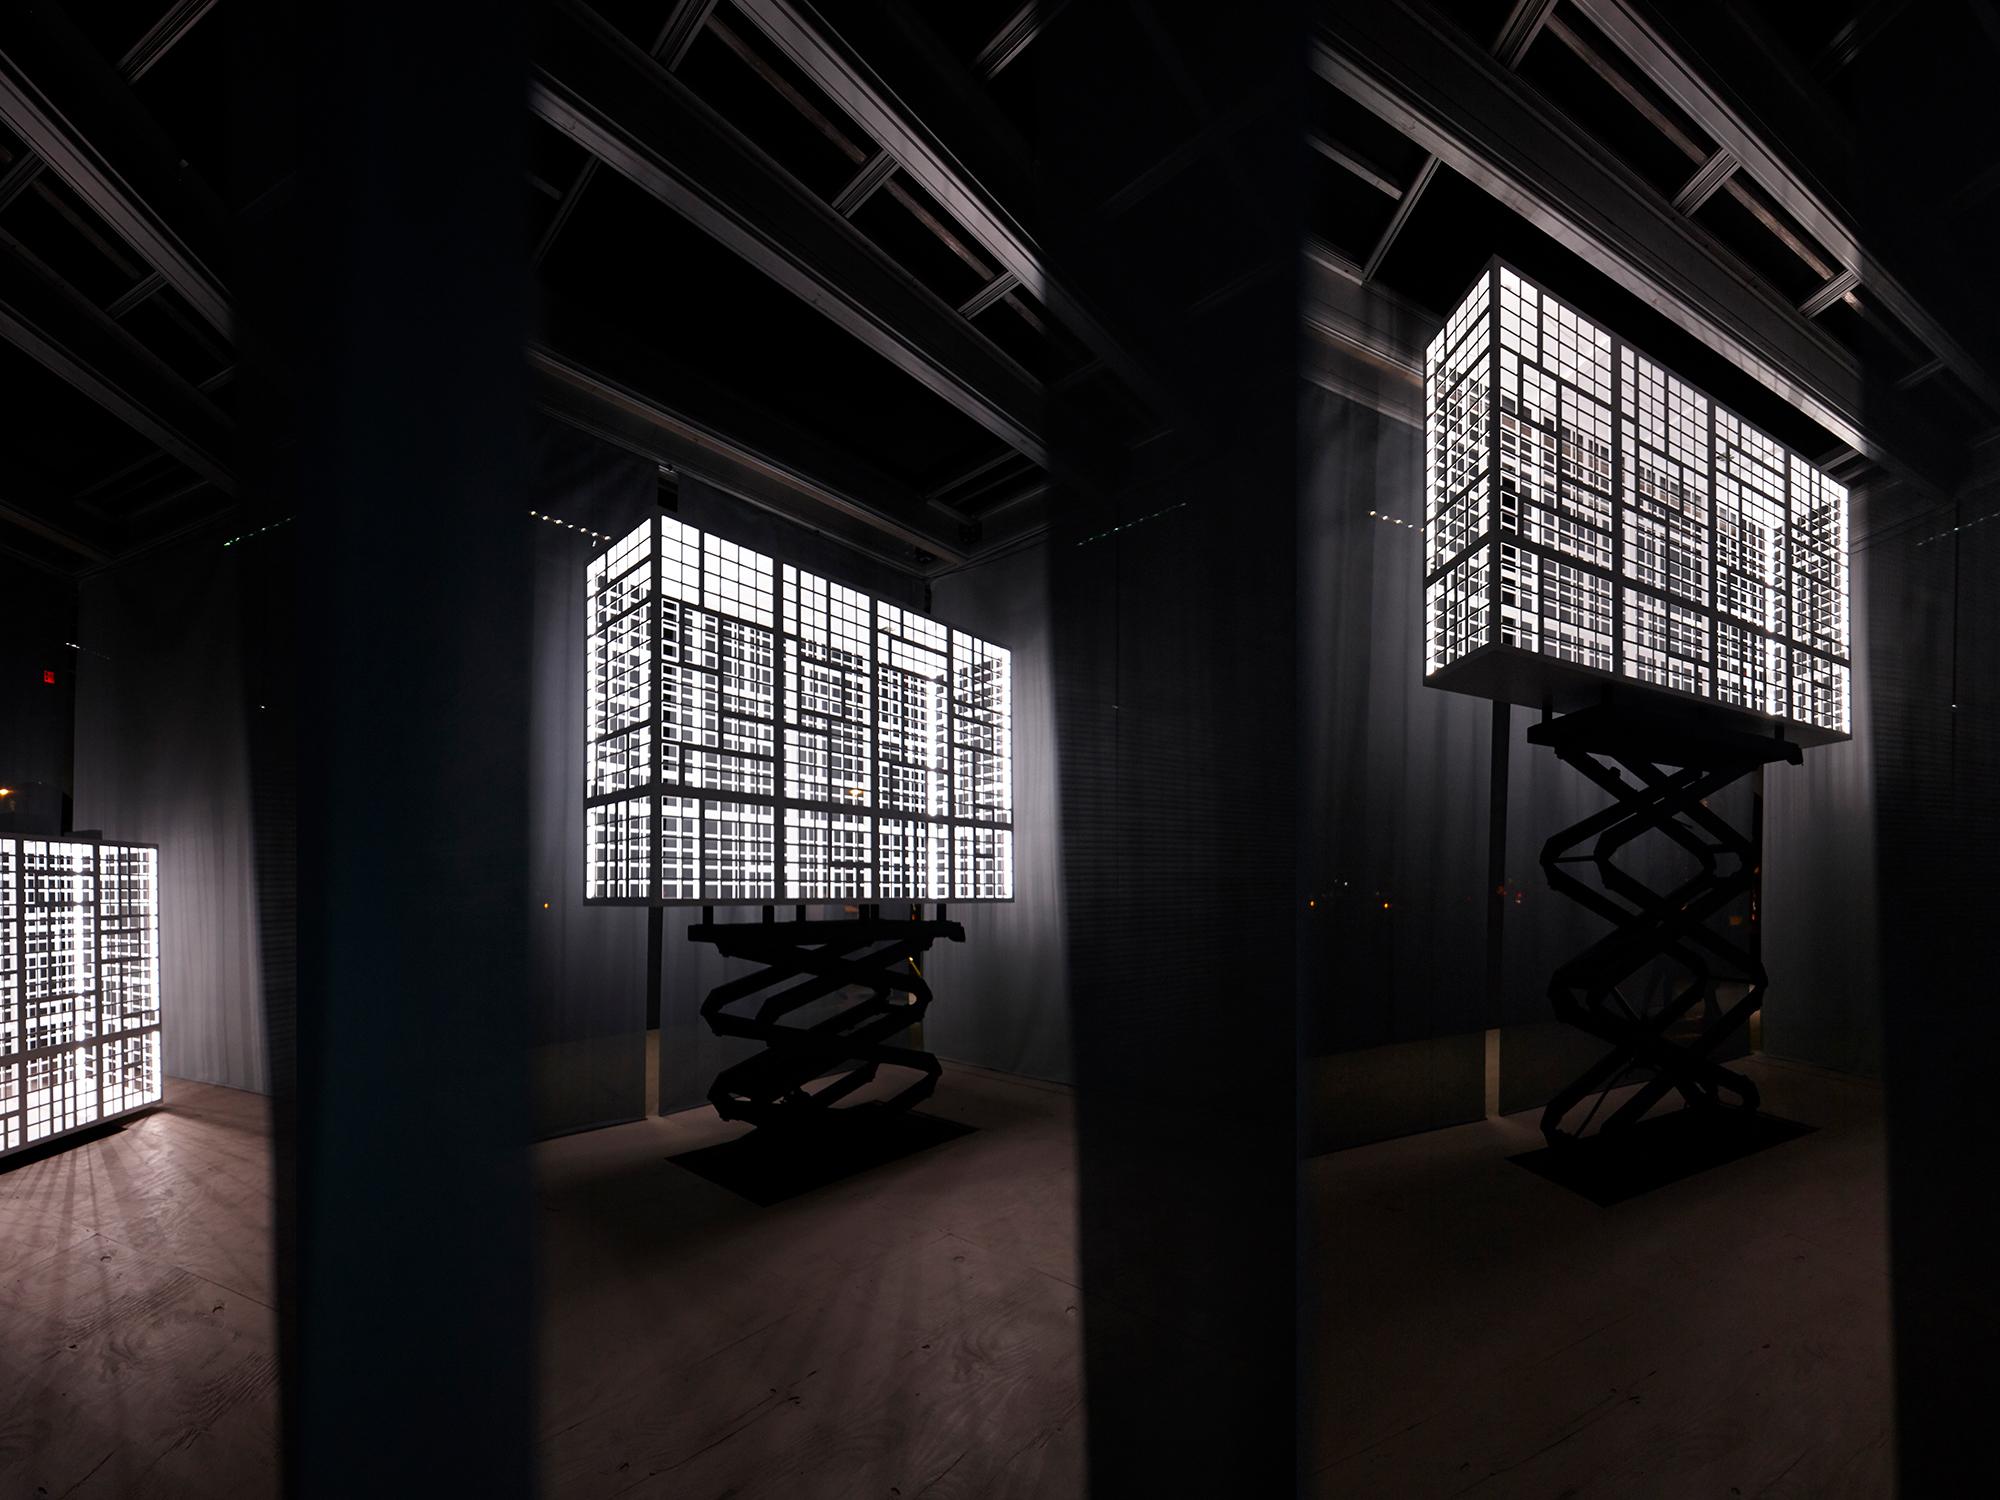 2017_AP_Lars-Jan_Benoit-Pailley---Luminaries-3.jpg